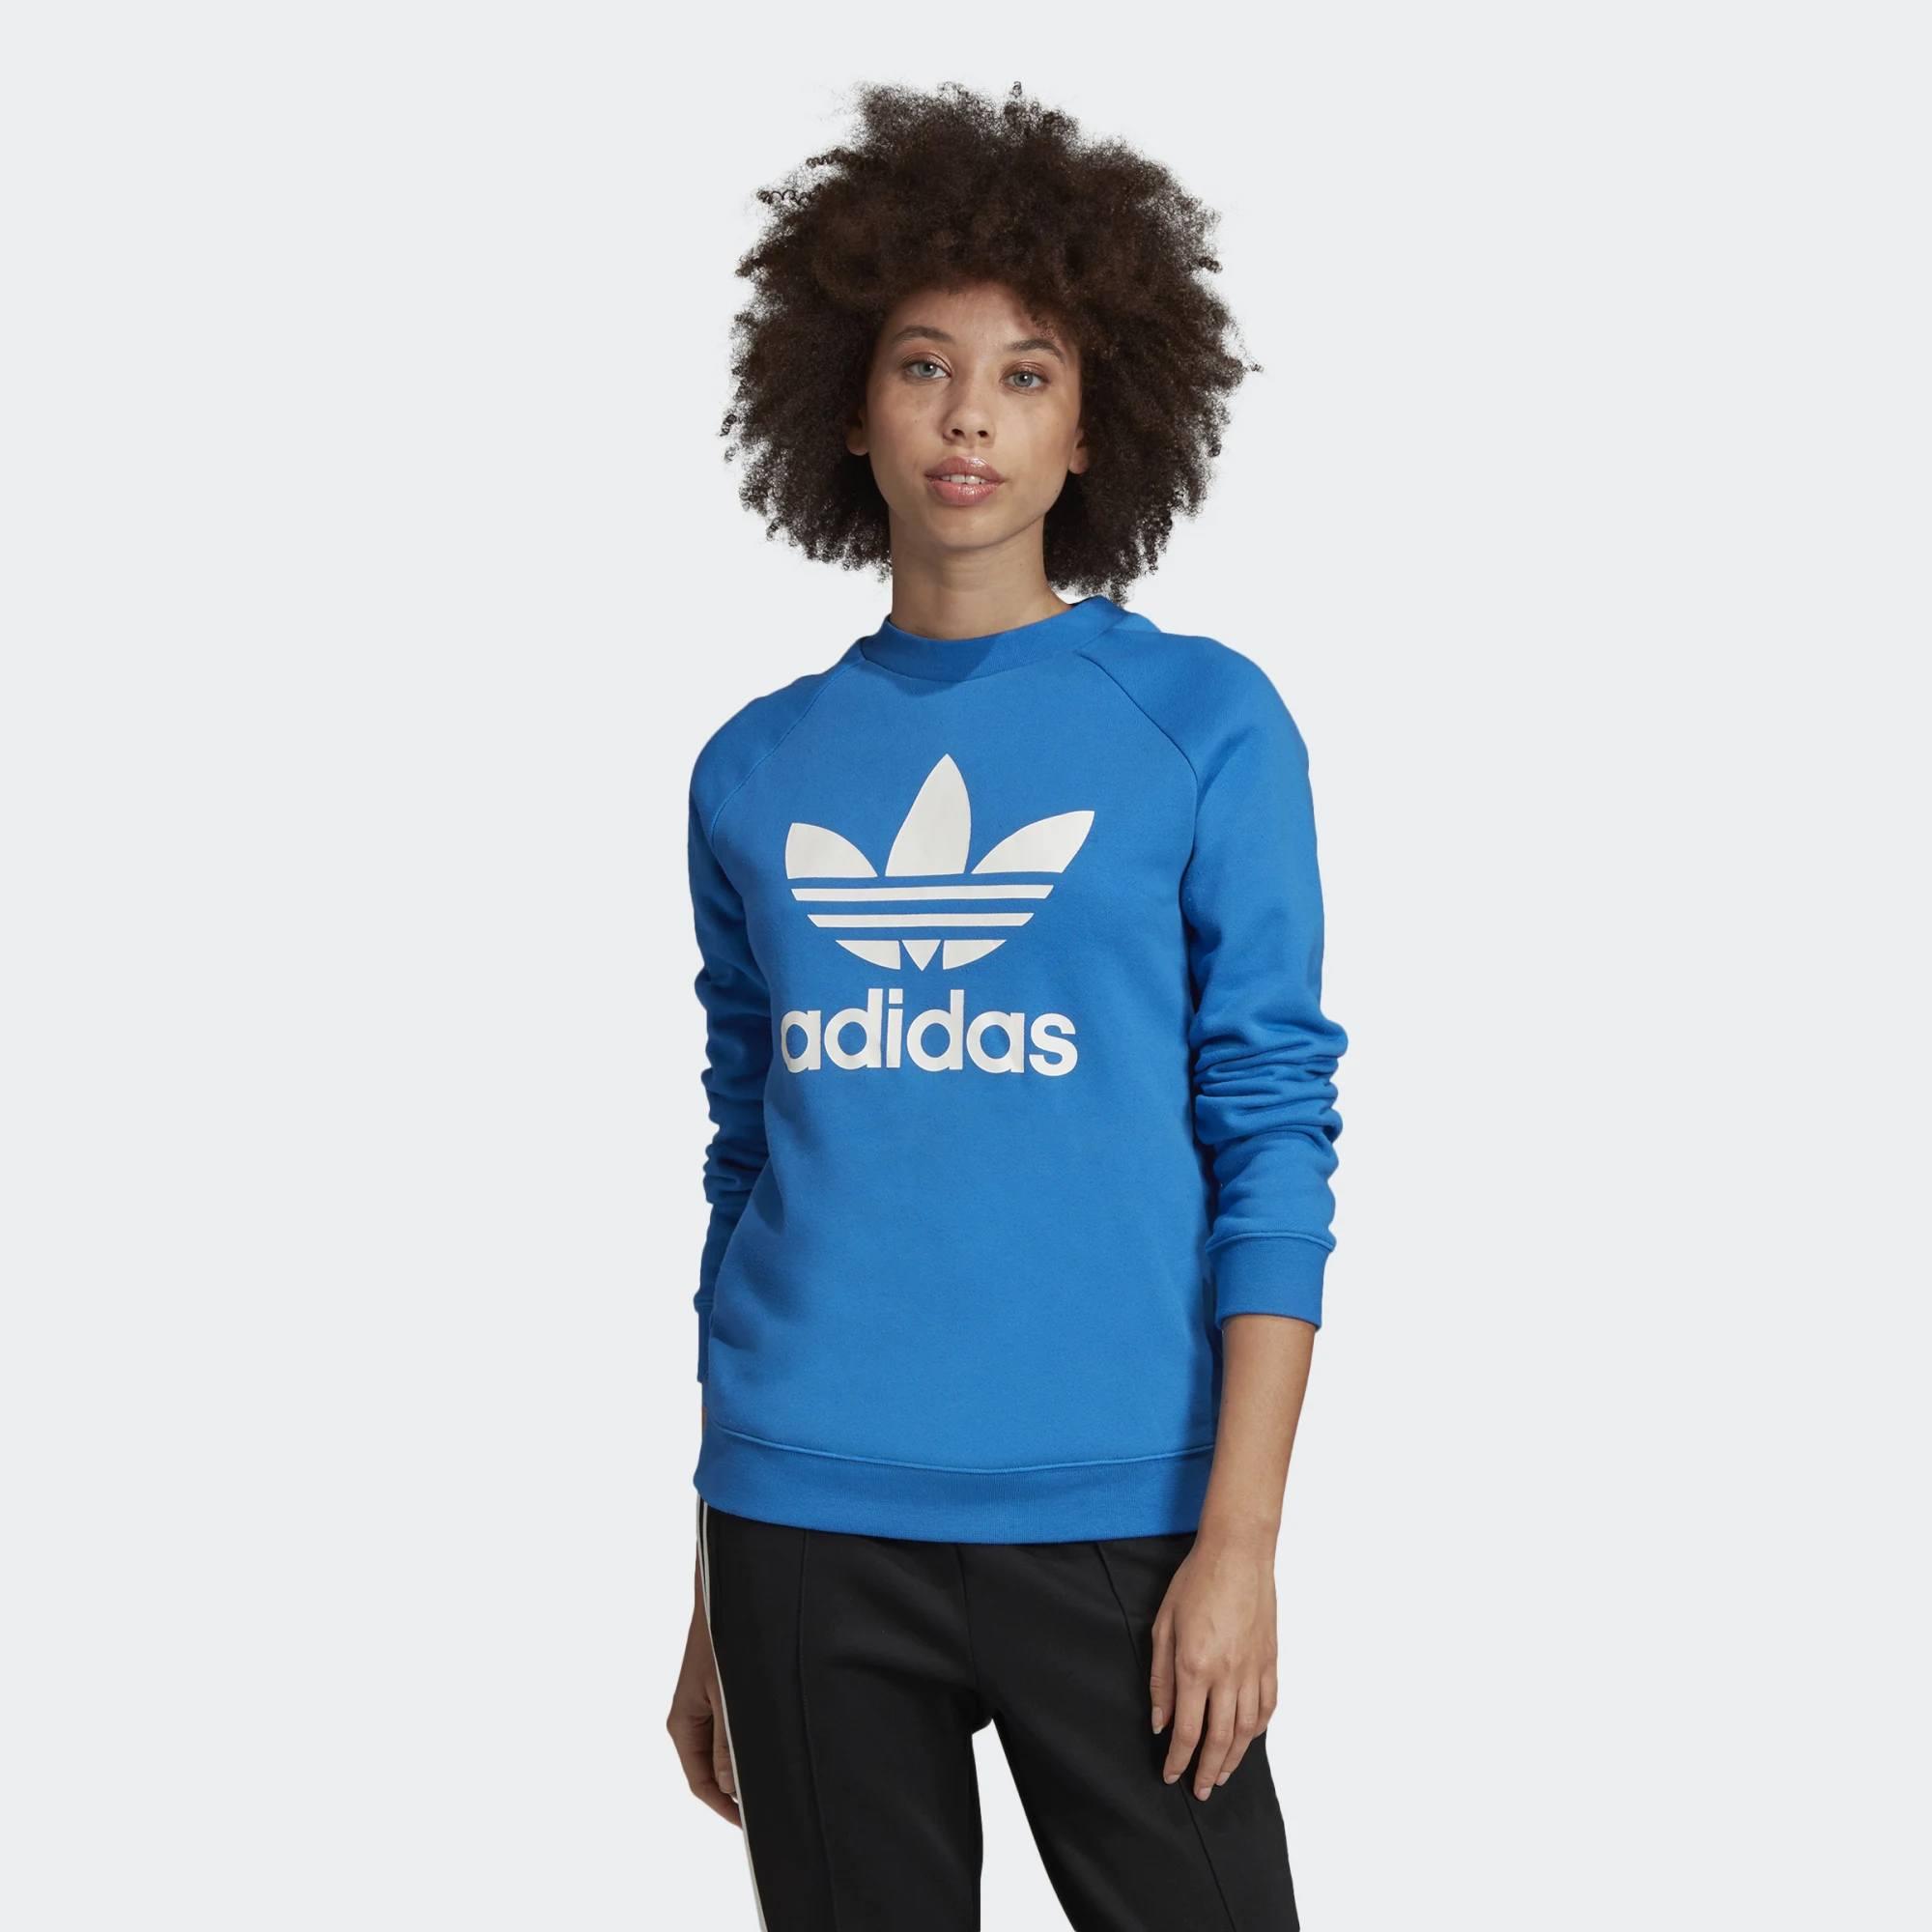 adidas Originals TRF CREW SWEAT (9000033371_3833)